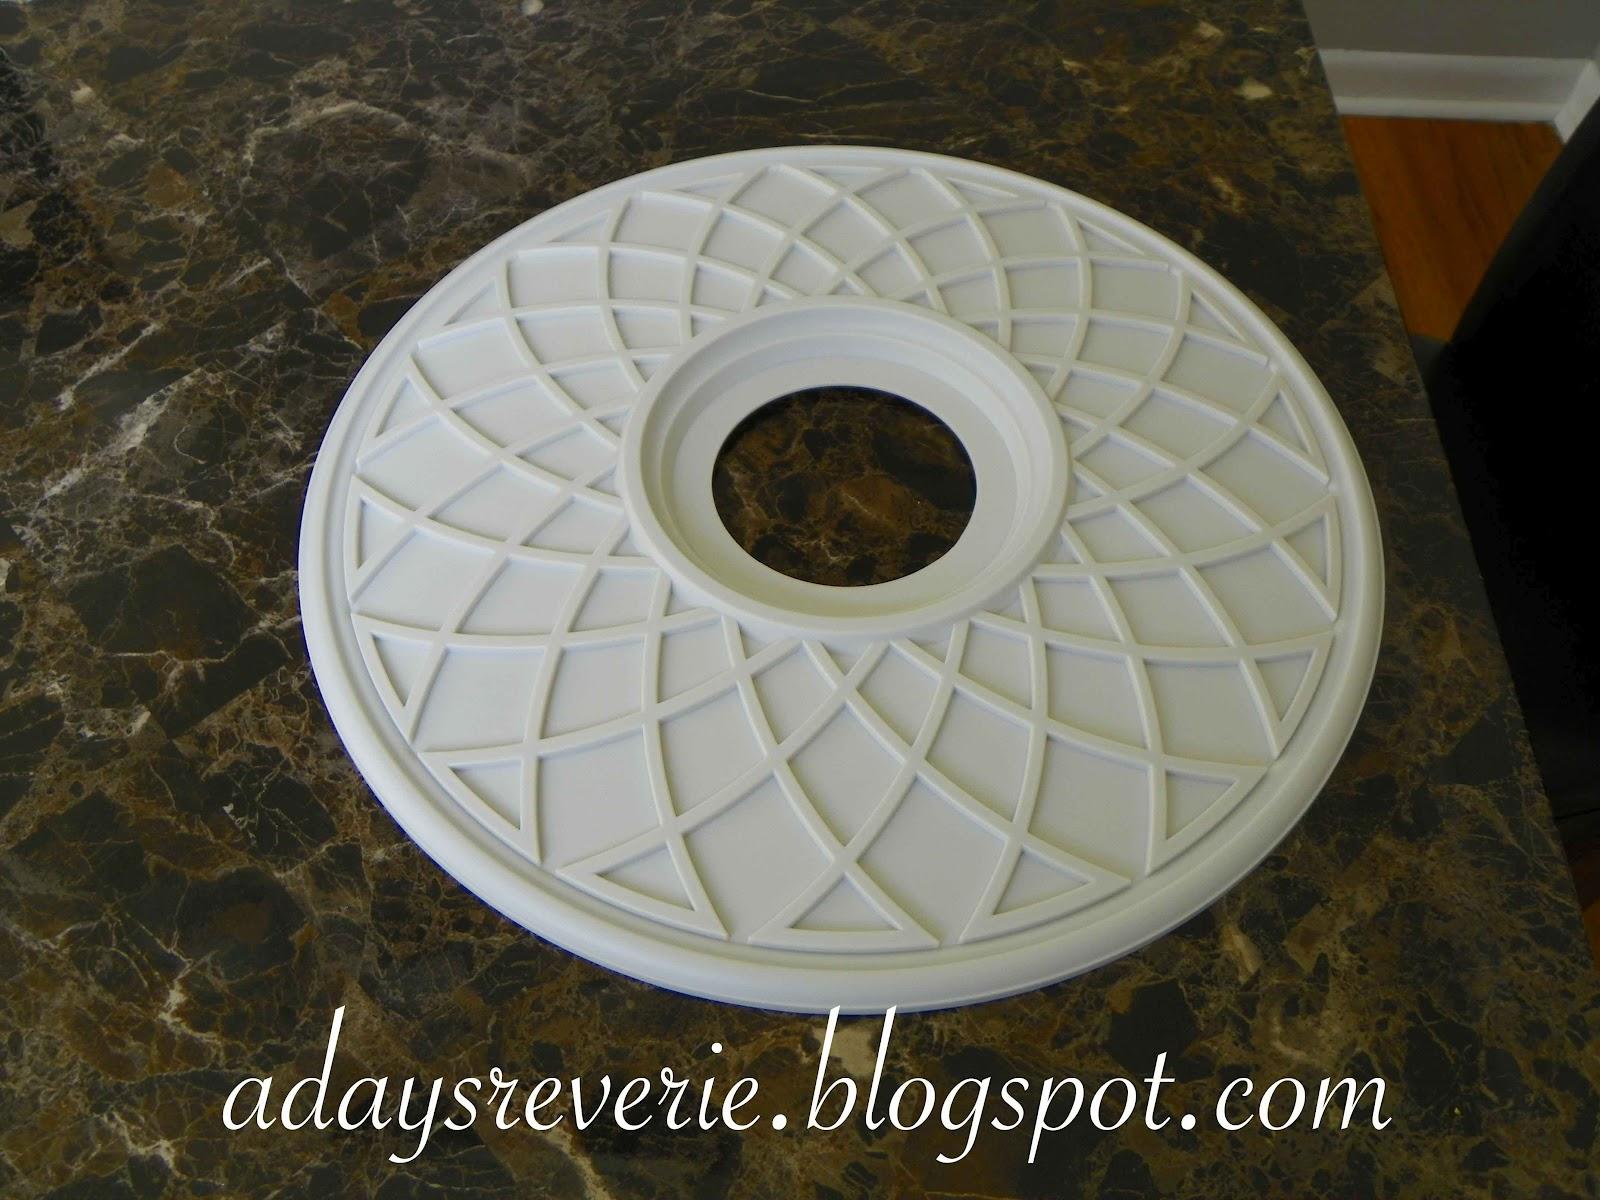 http://4.bp.blogspot.com/-Tn4B0AwbwGk/UDjPV00CQDI/AAAAAAAAALk/5-FO2dI9kGE/s1600/medalian+copy.jpg